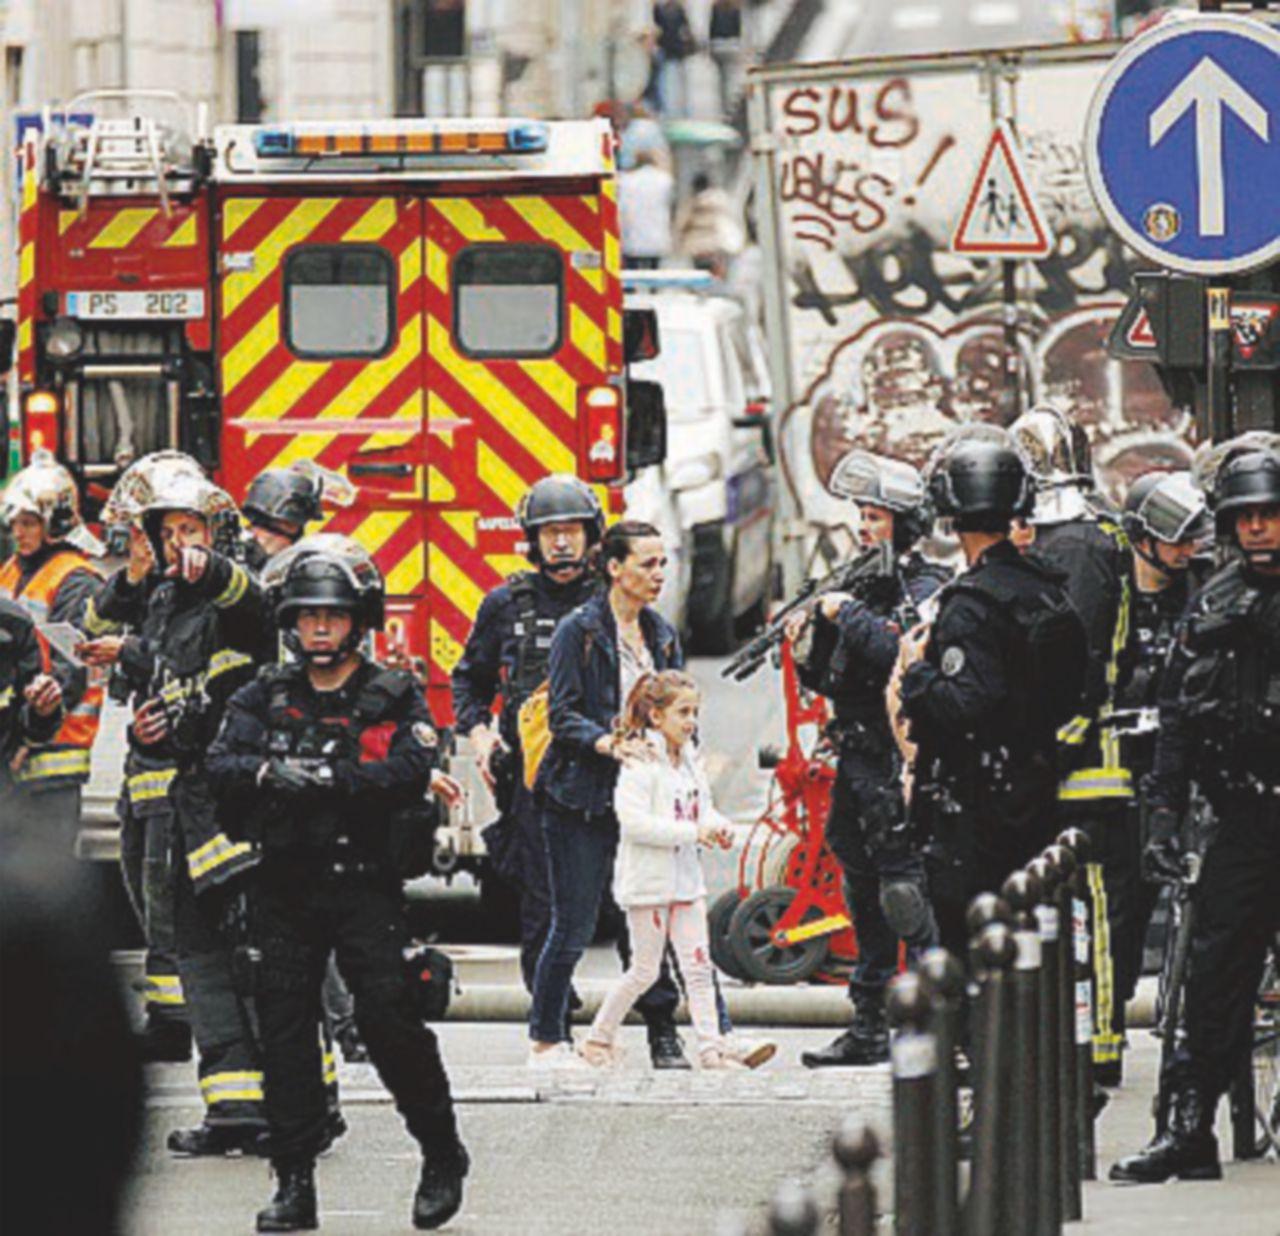 Ostaggi e reparti speciali, incubo sotto l'Eiffel anche senza terroristi